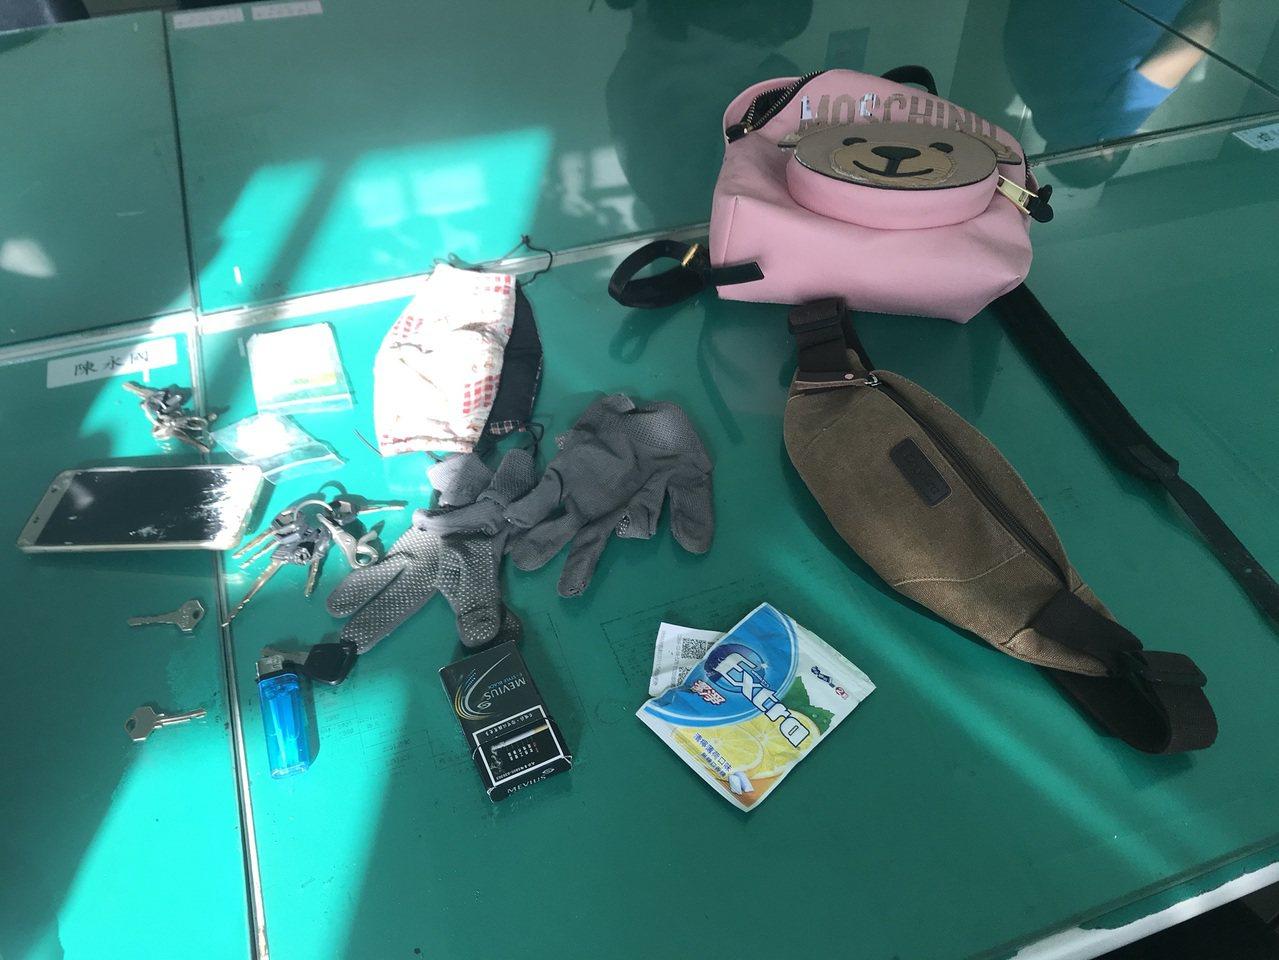 台中市蘇姓男子今天騎機車四處搶奪,至少已犯下4起搶案,警方查獲蘇得手贓物。記者陳...